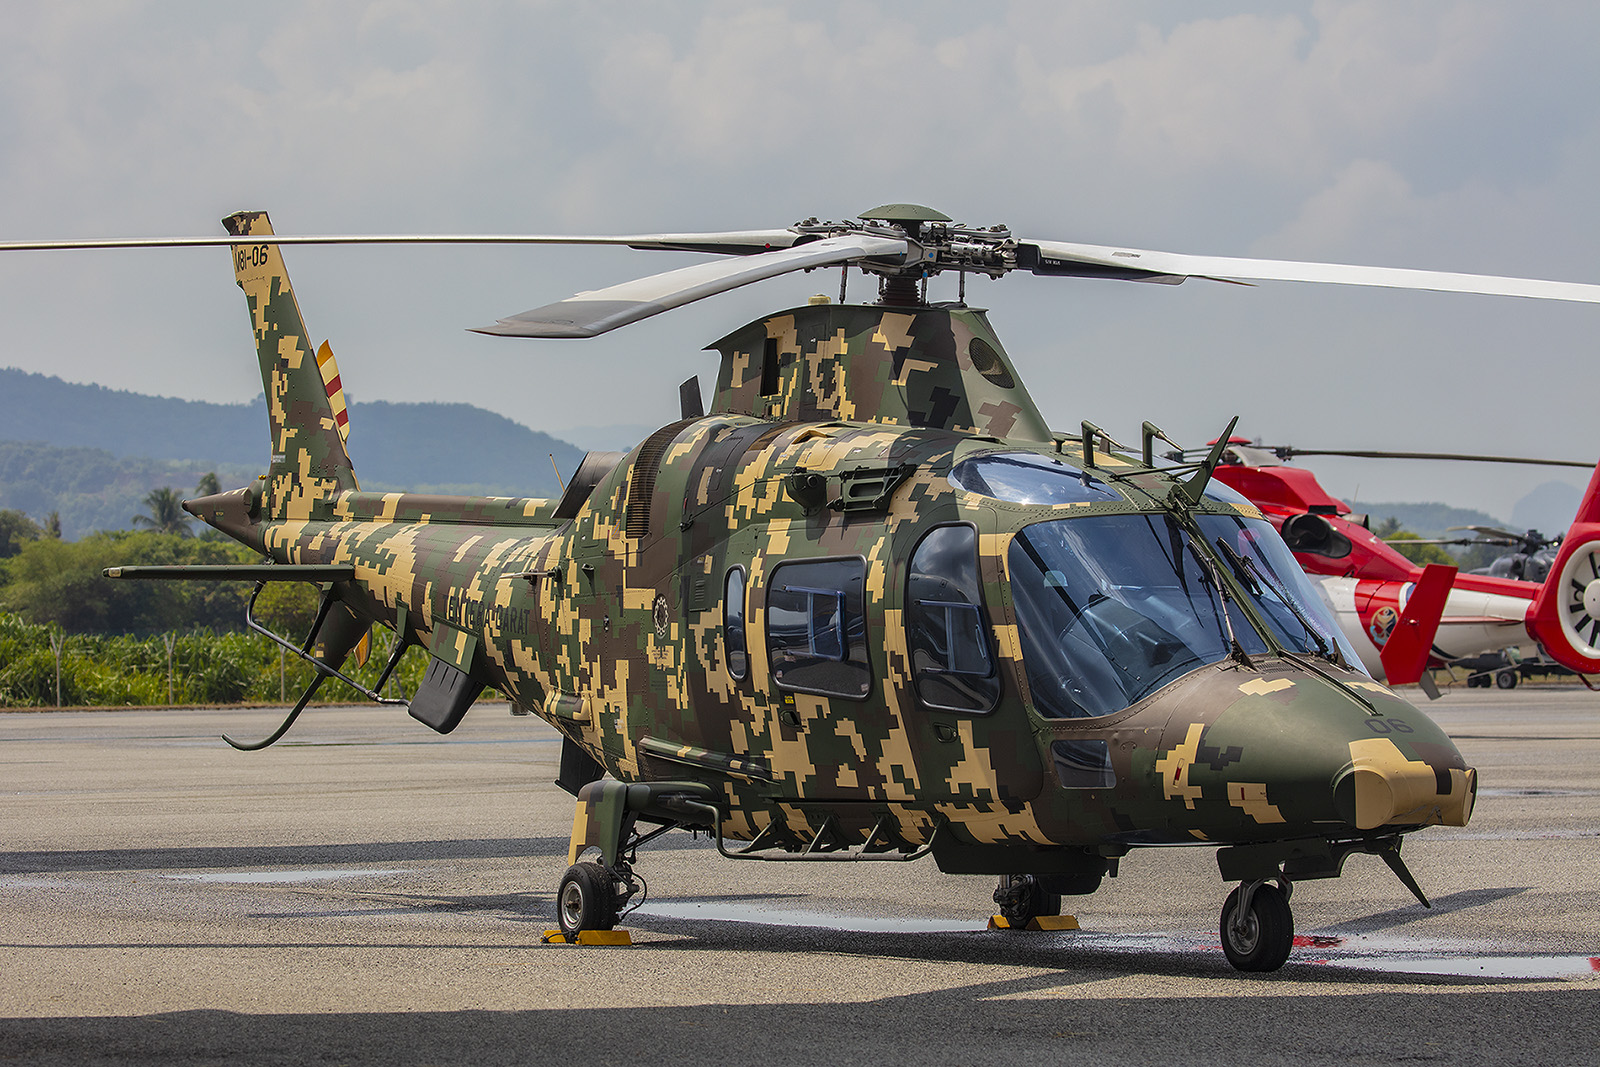 Die Army besitzt mehrere dieser Agusta A109.